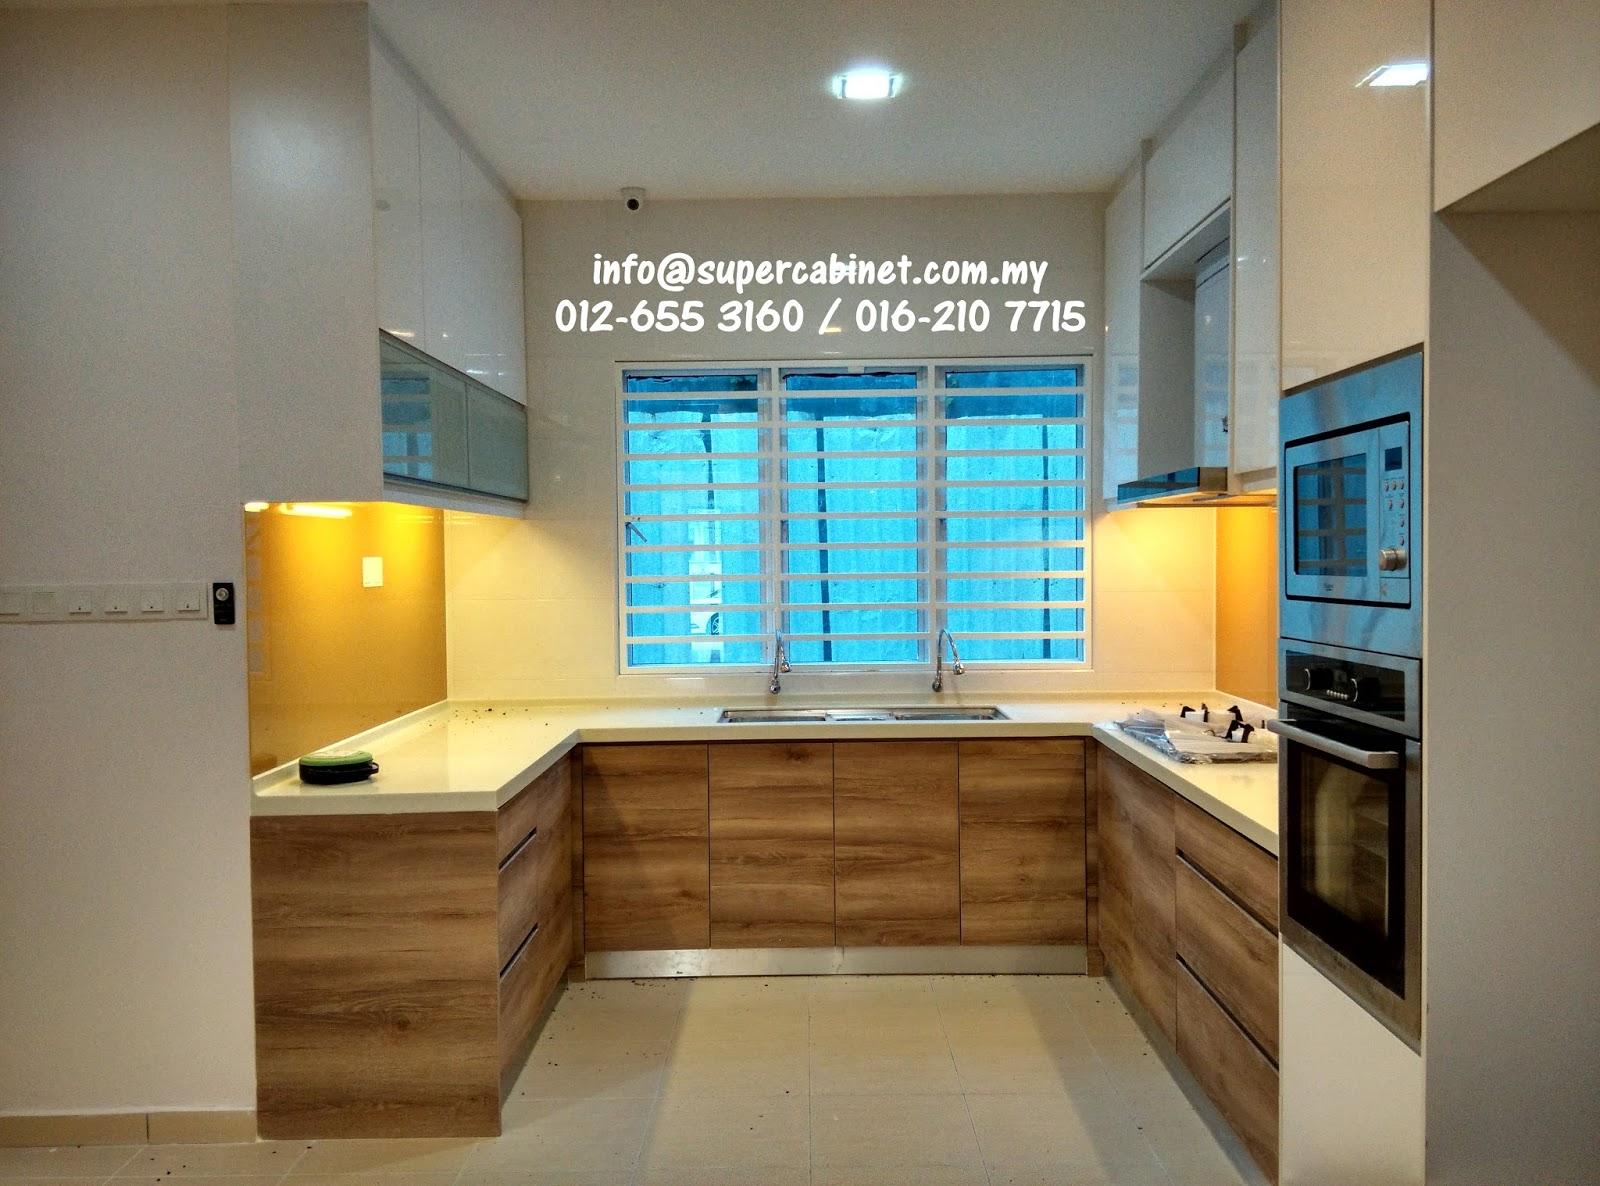 Kitchen Cabinet - Super Cabinet Sdn. Bhd.